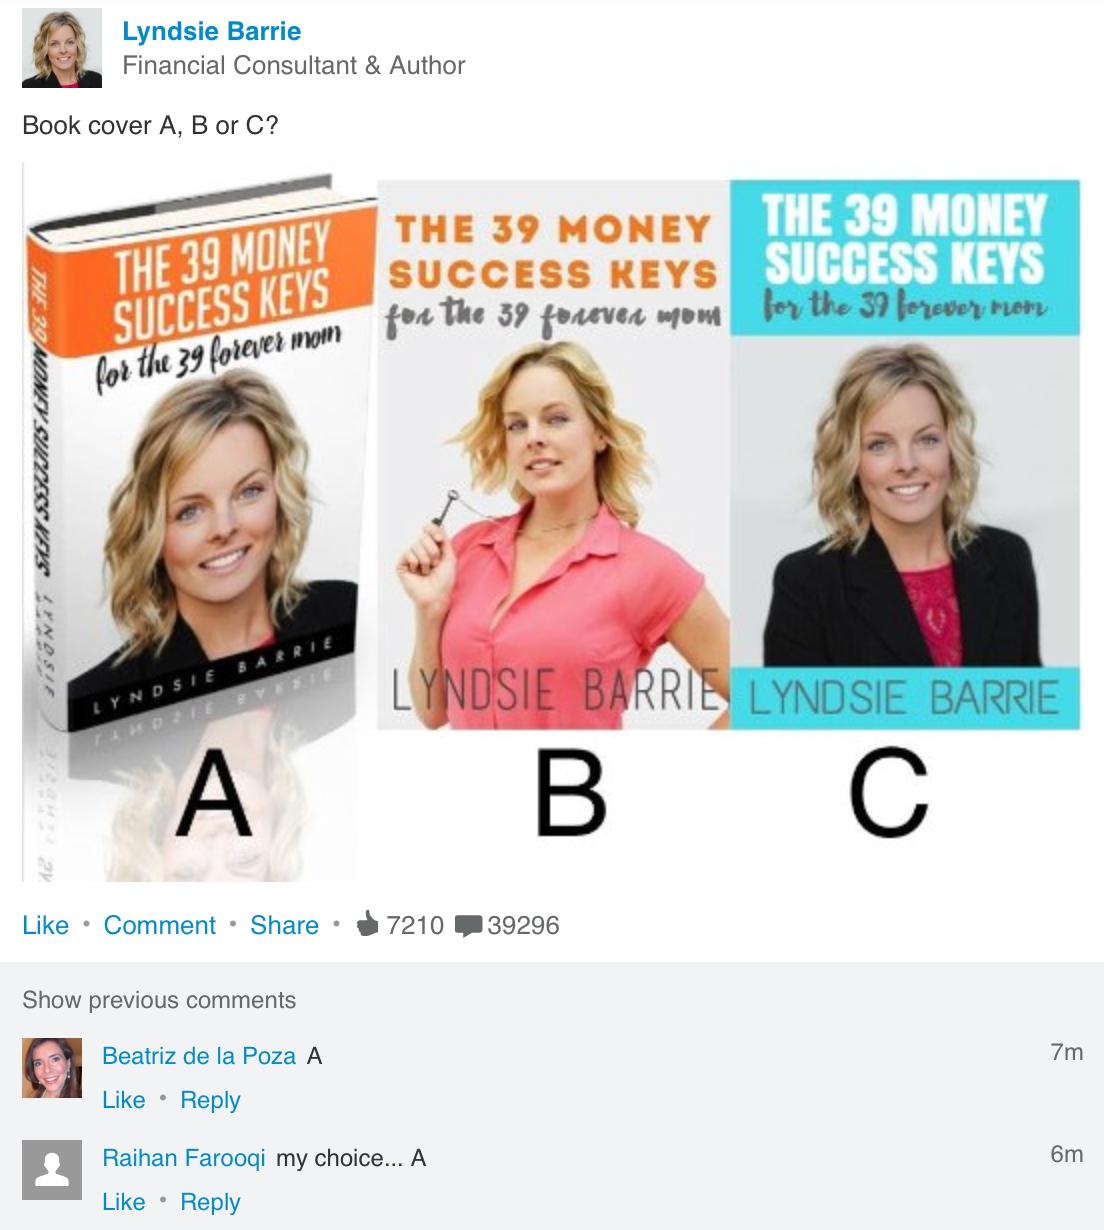 ViralBookCampaign